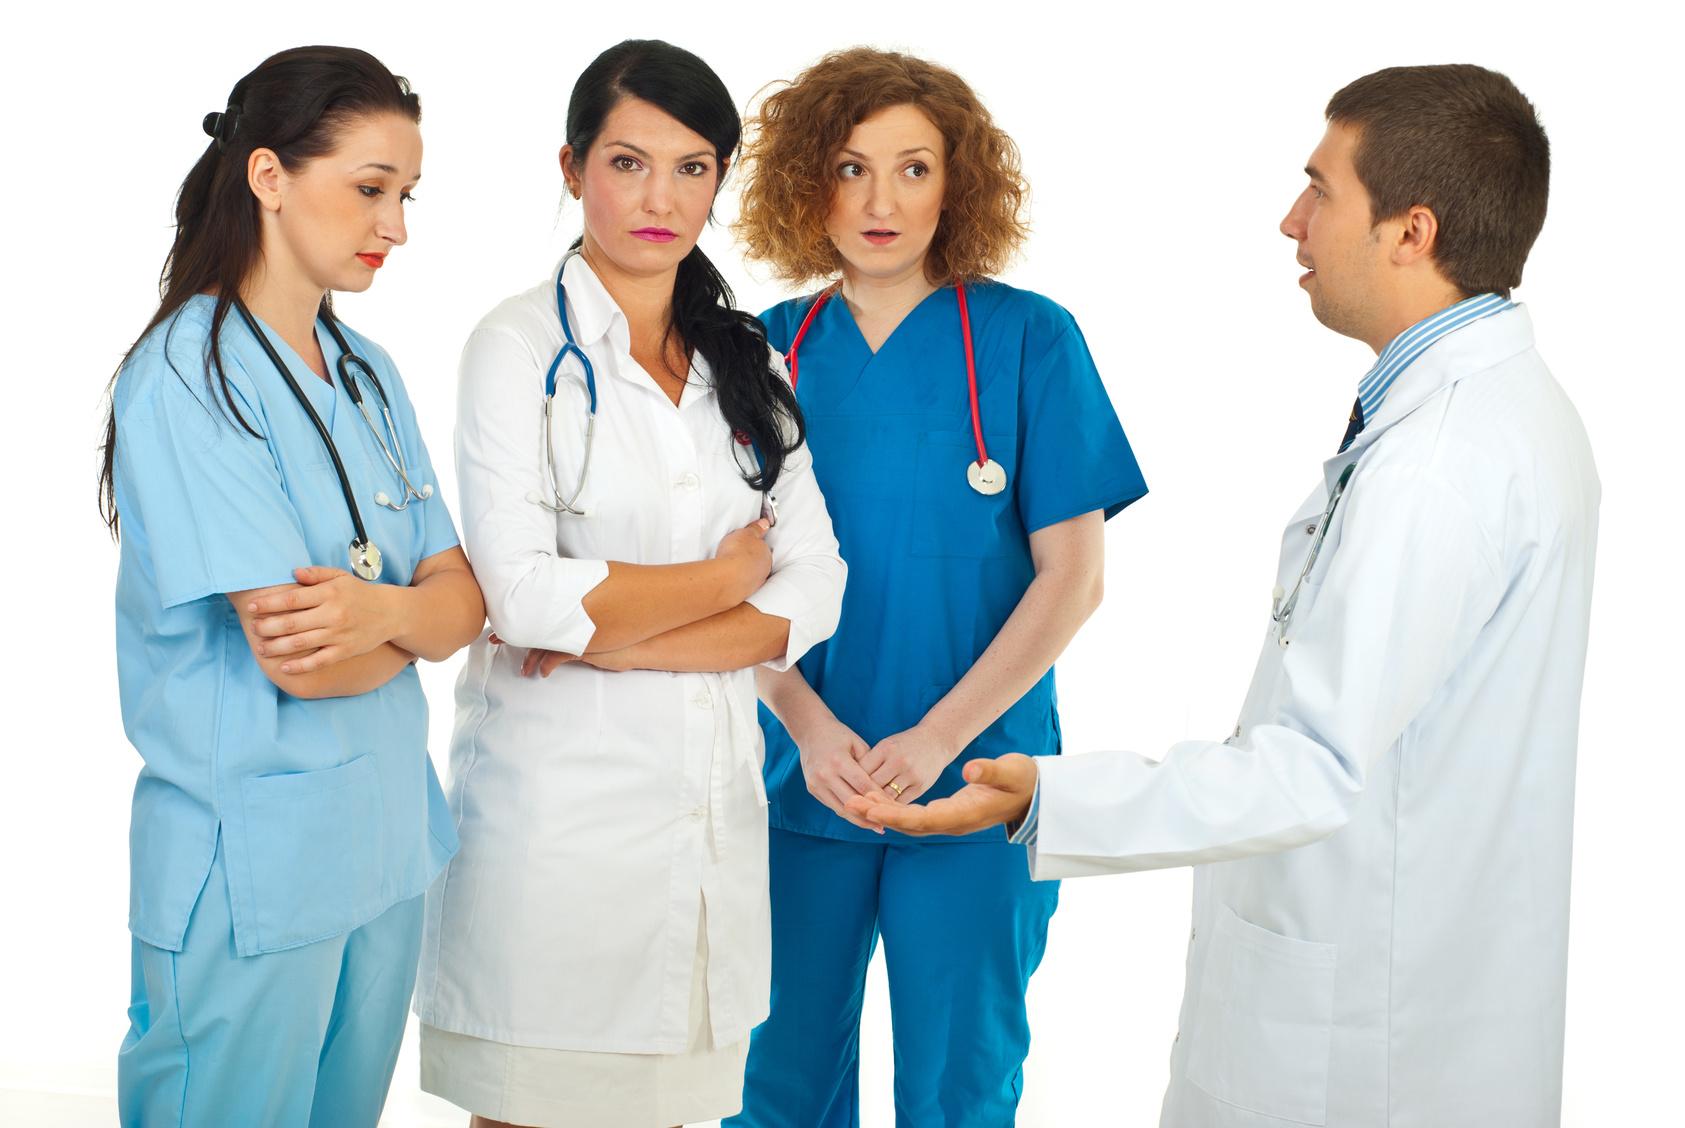 医師と看護師対立